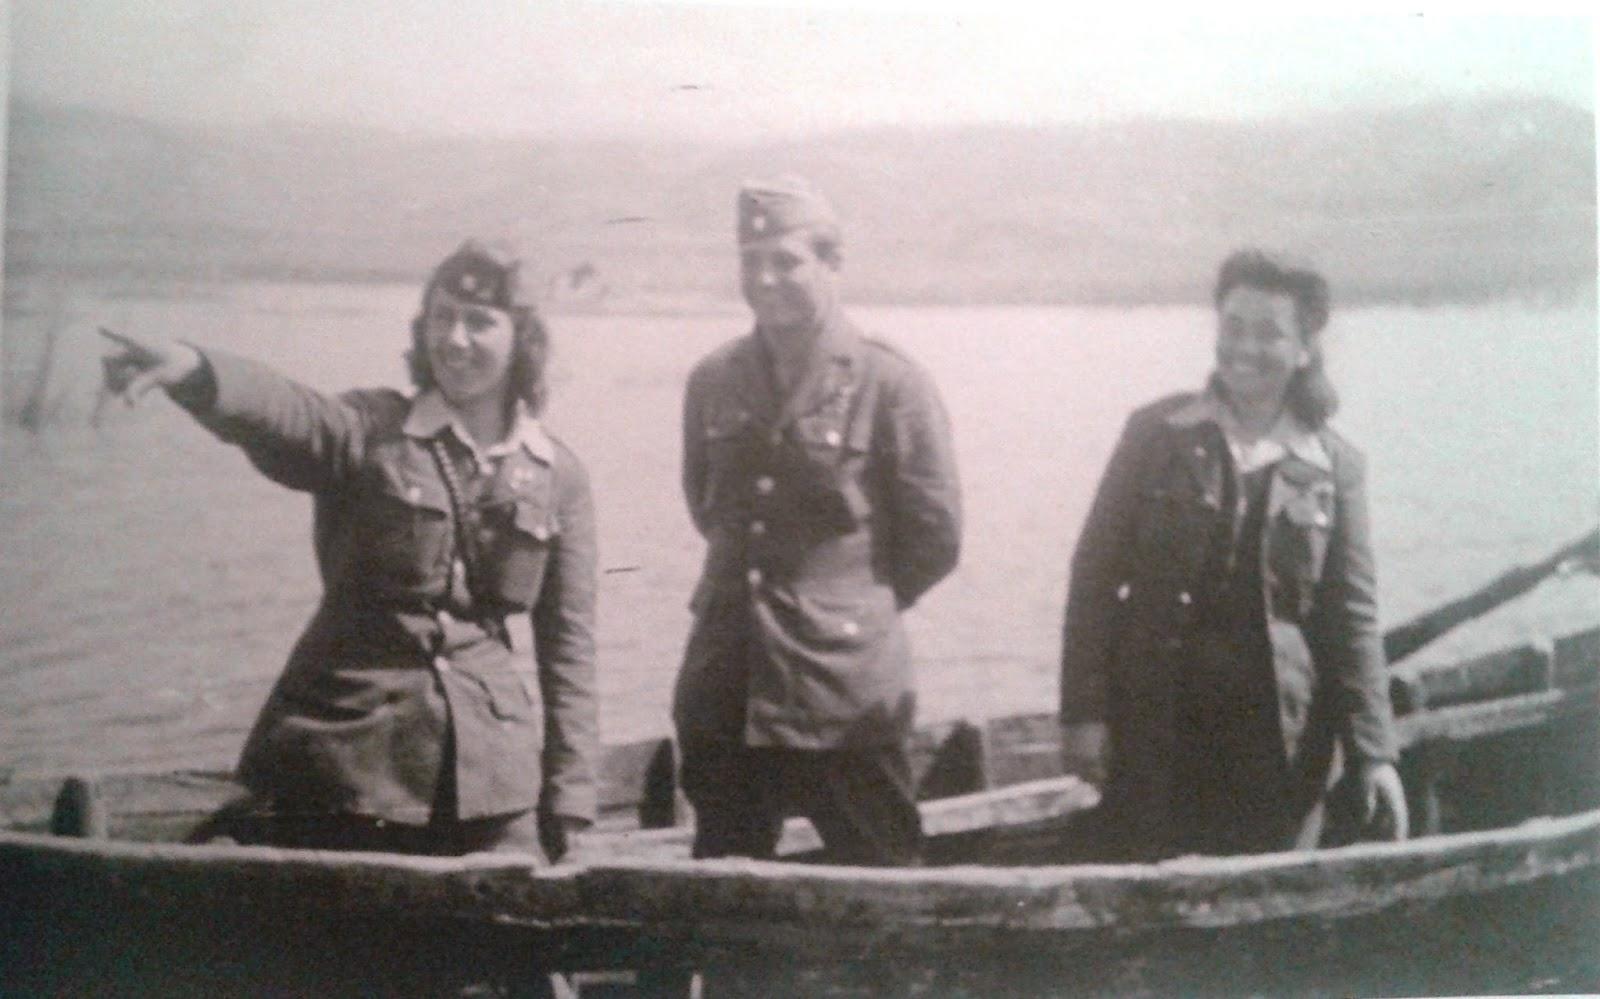 Στελέχη του ΔΣΕ σε βάρκα στις Πρέσπες